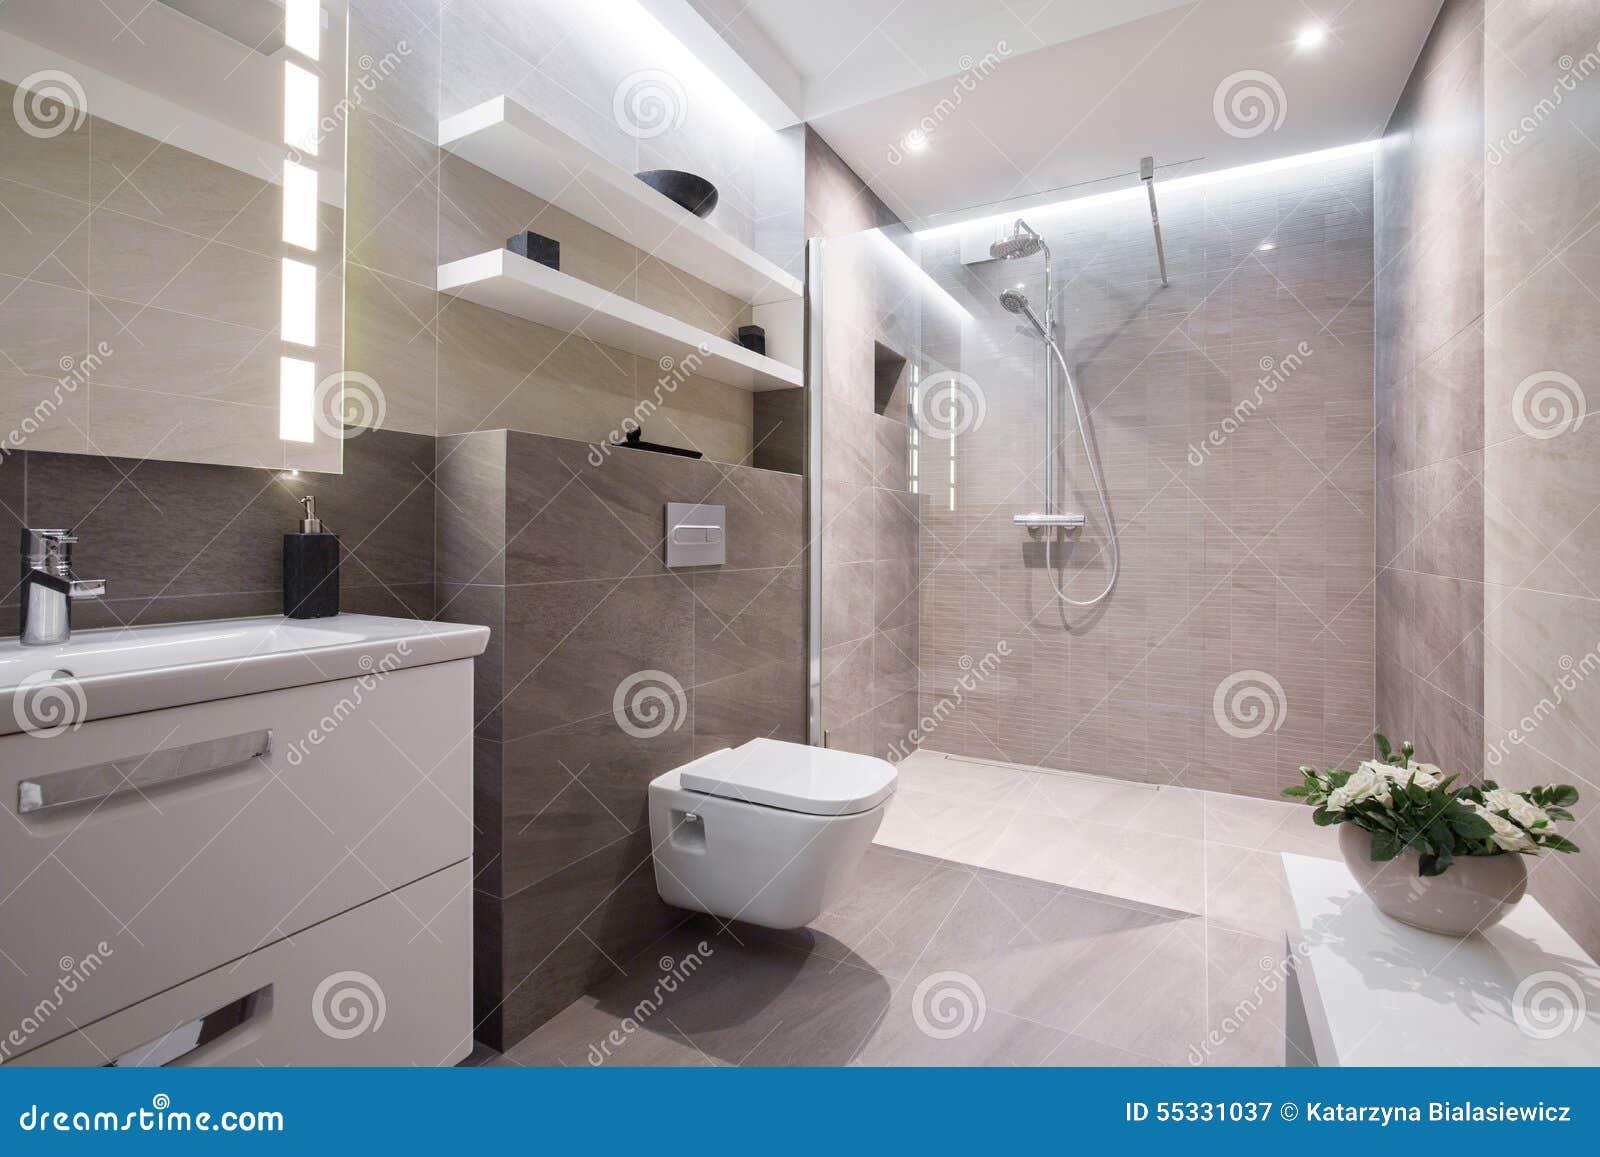 Exklusives modernes Badezimmer